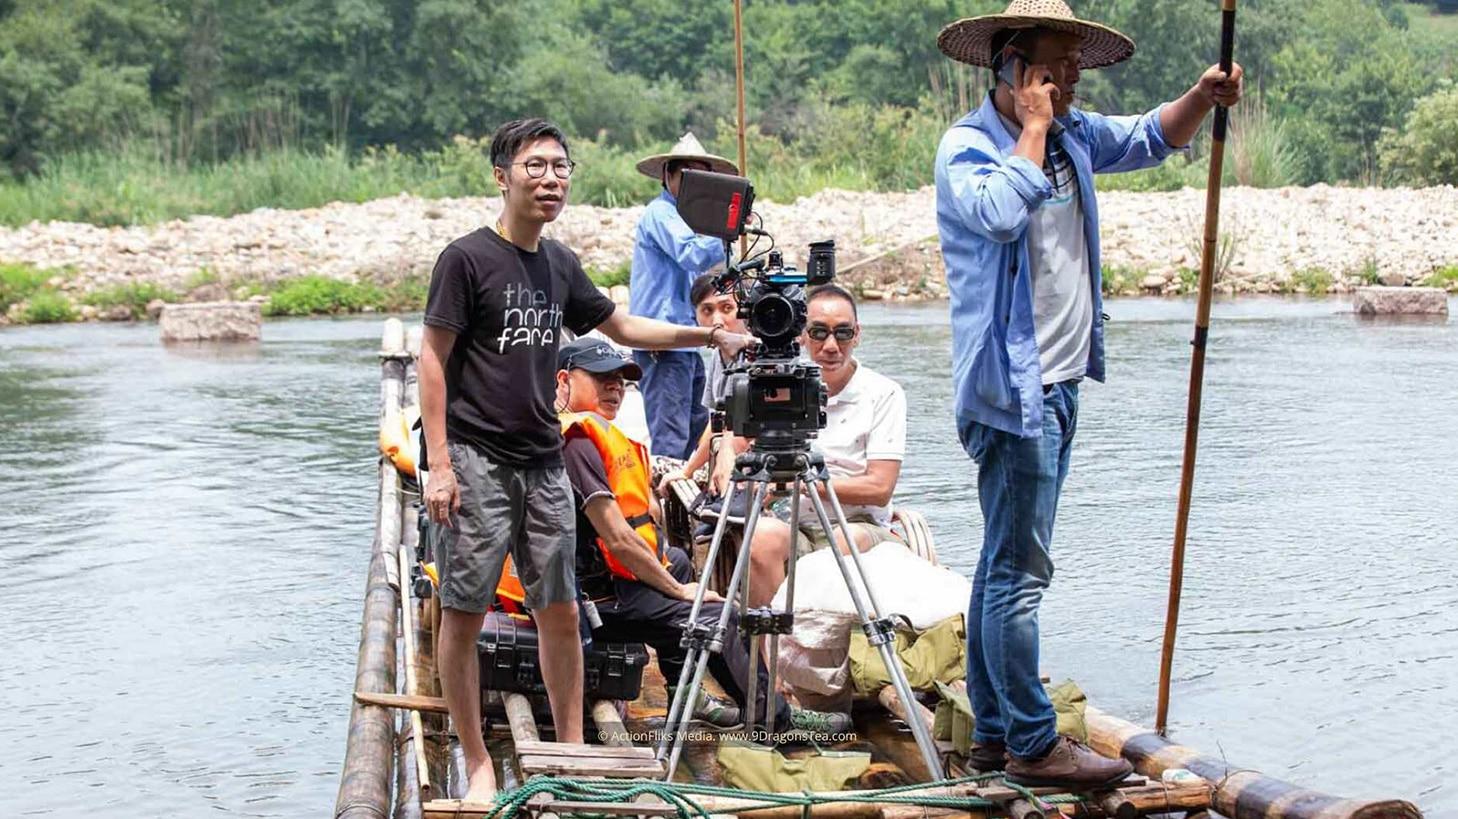 behind the scenes wuyishan filming river rafting crew on raft_